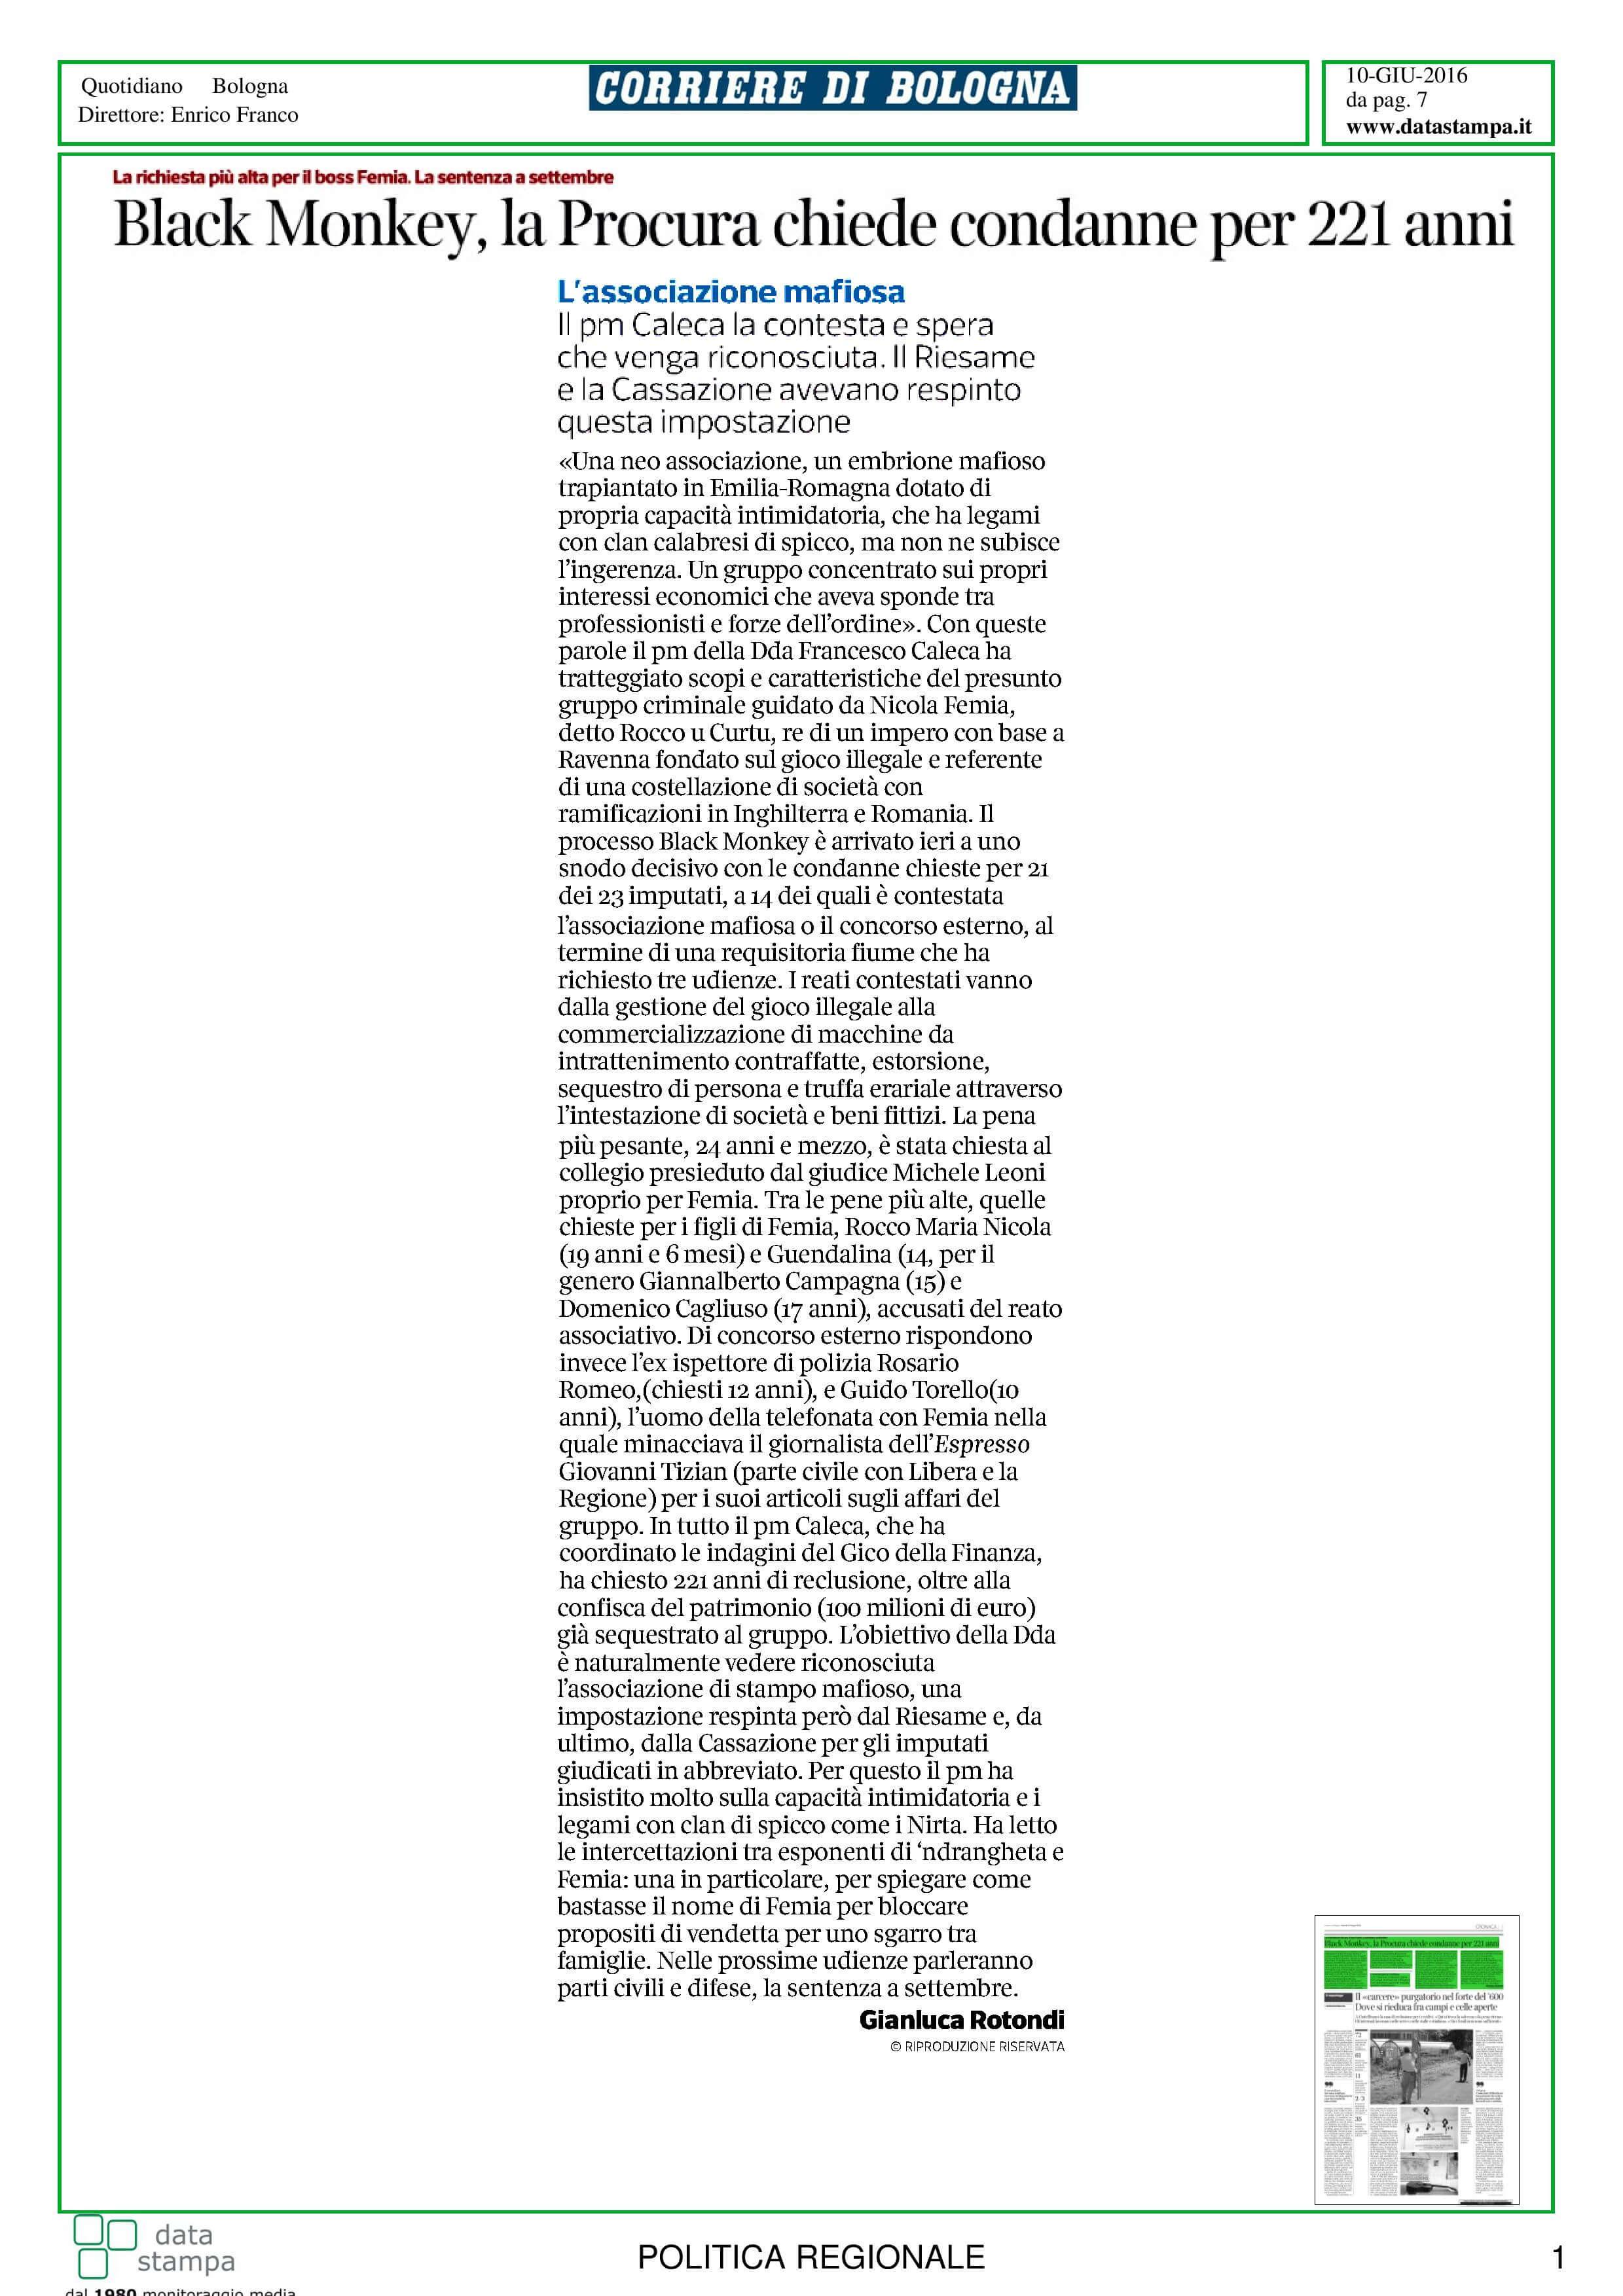 mafia-legalita-in-er-9-10-giugno-page-002